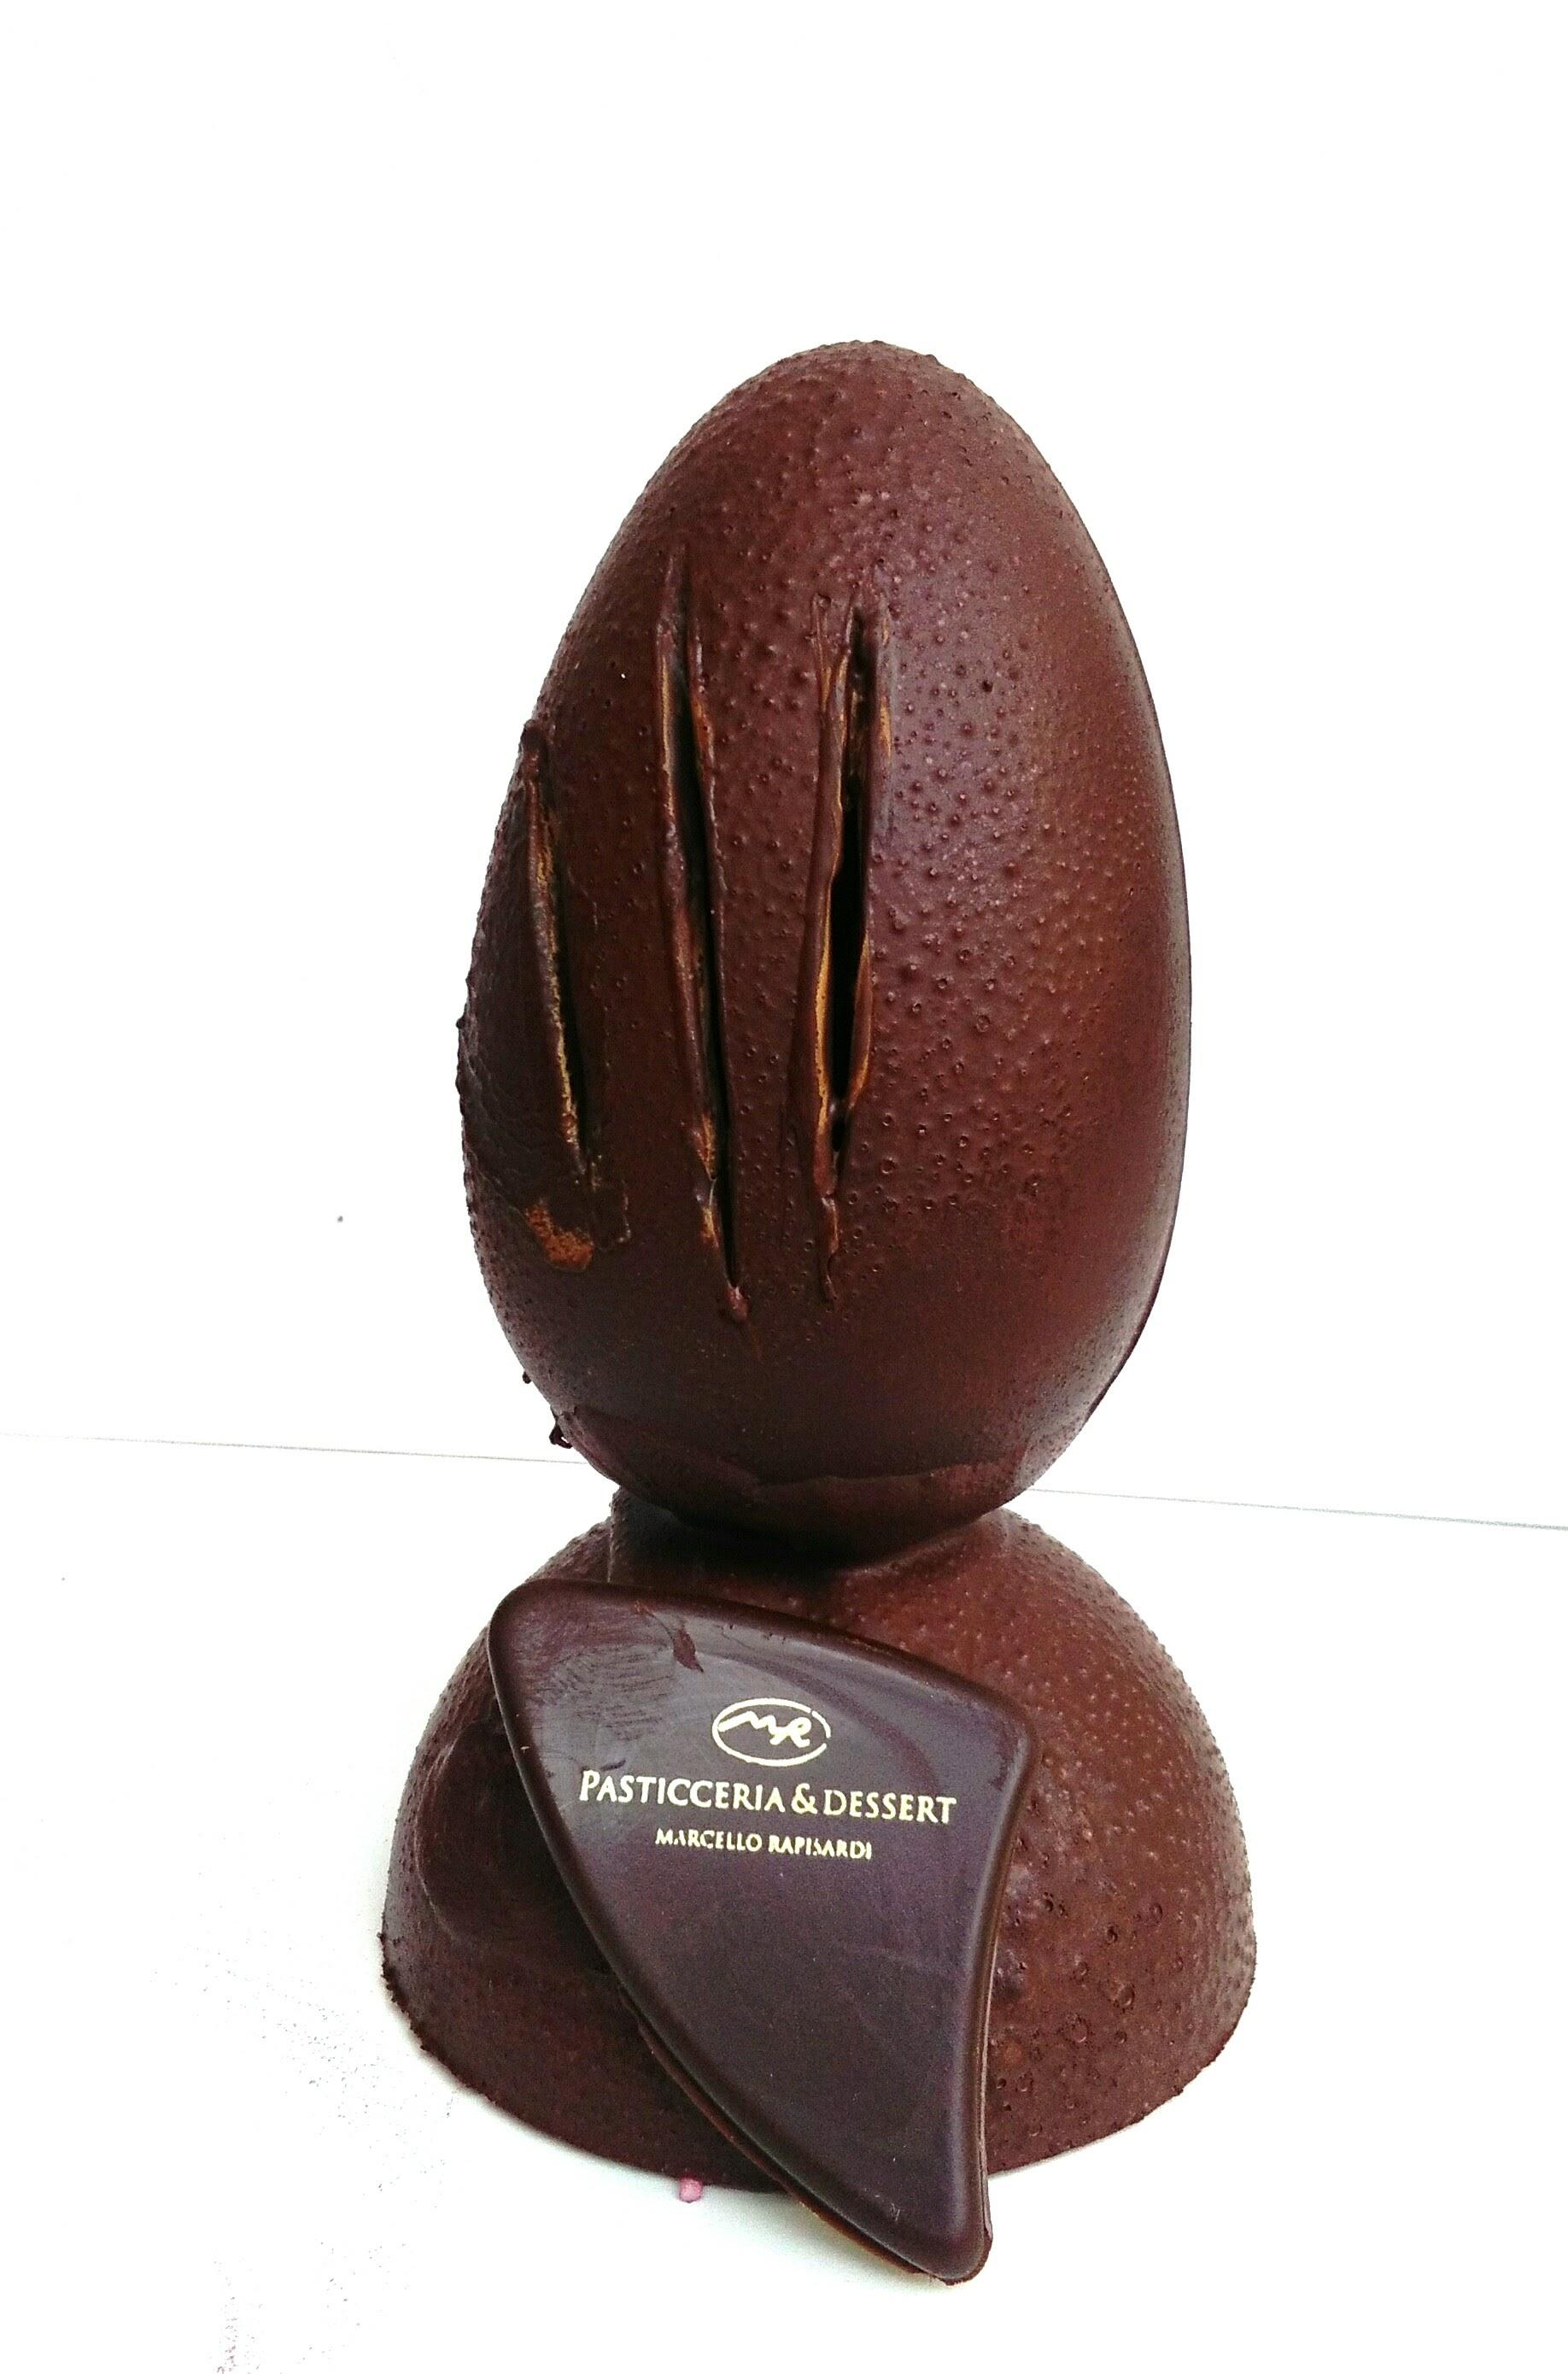 Wolver Egg Pasticceria Rapisardi